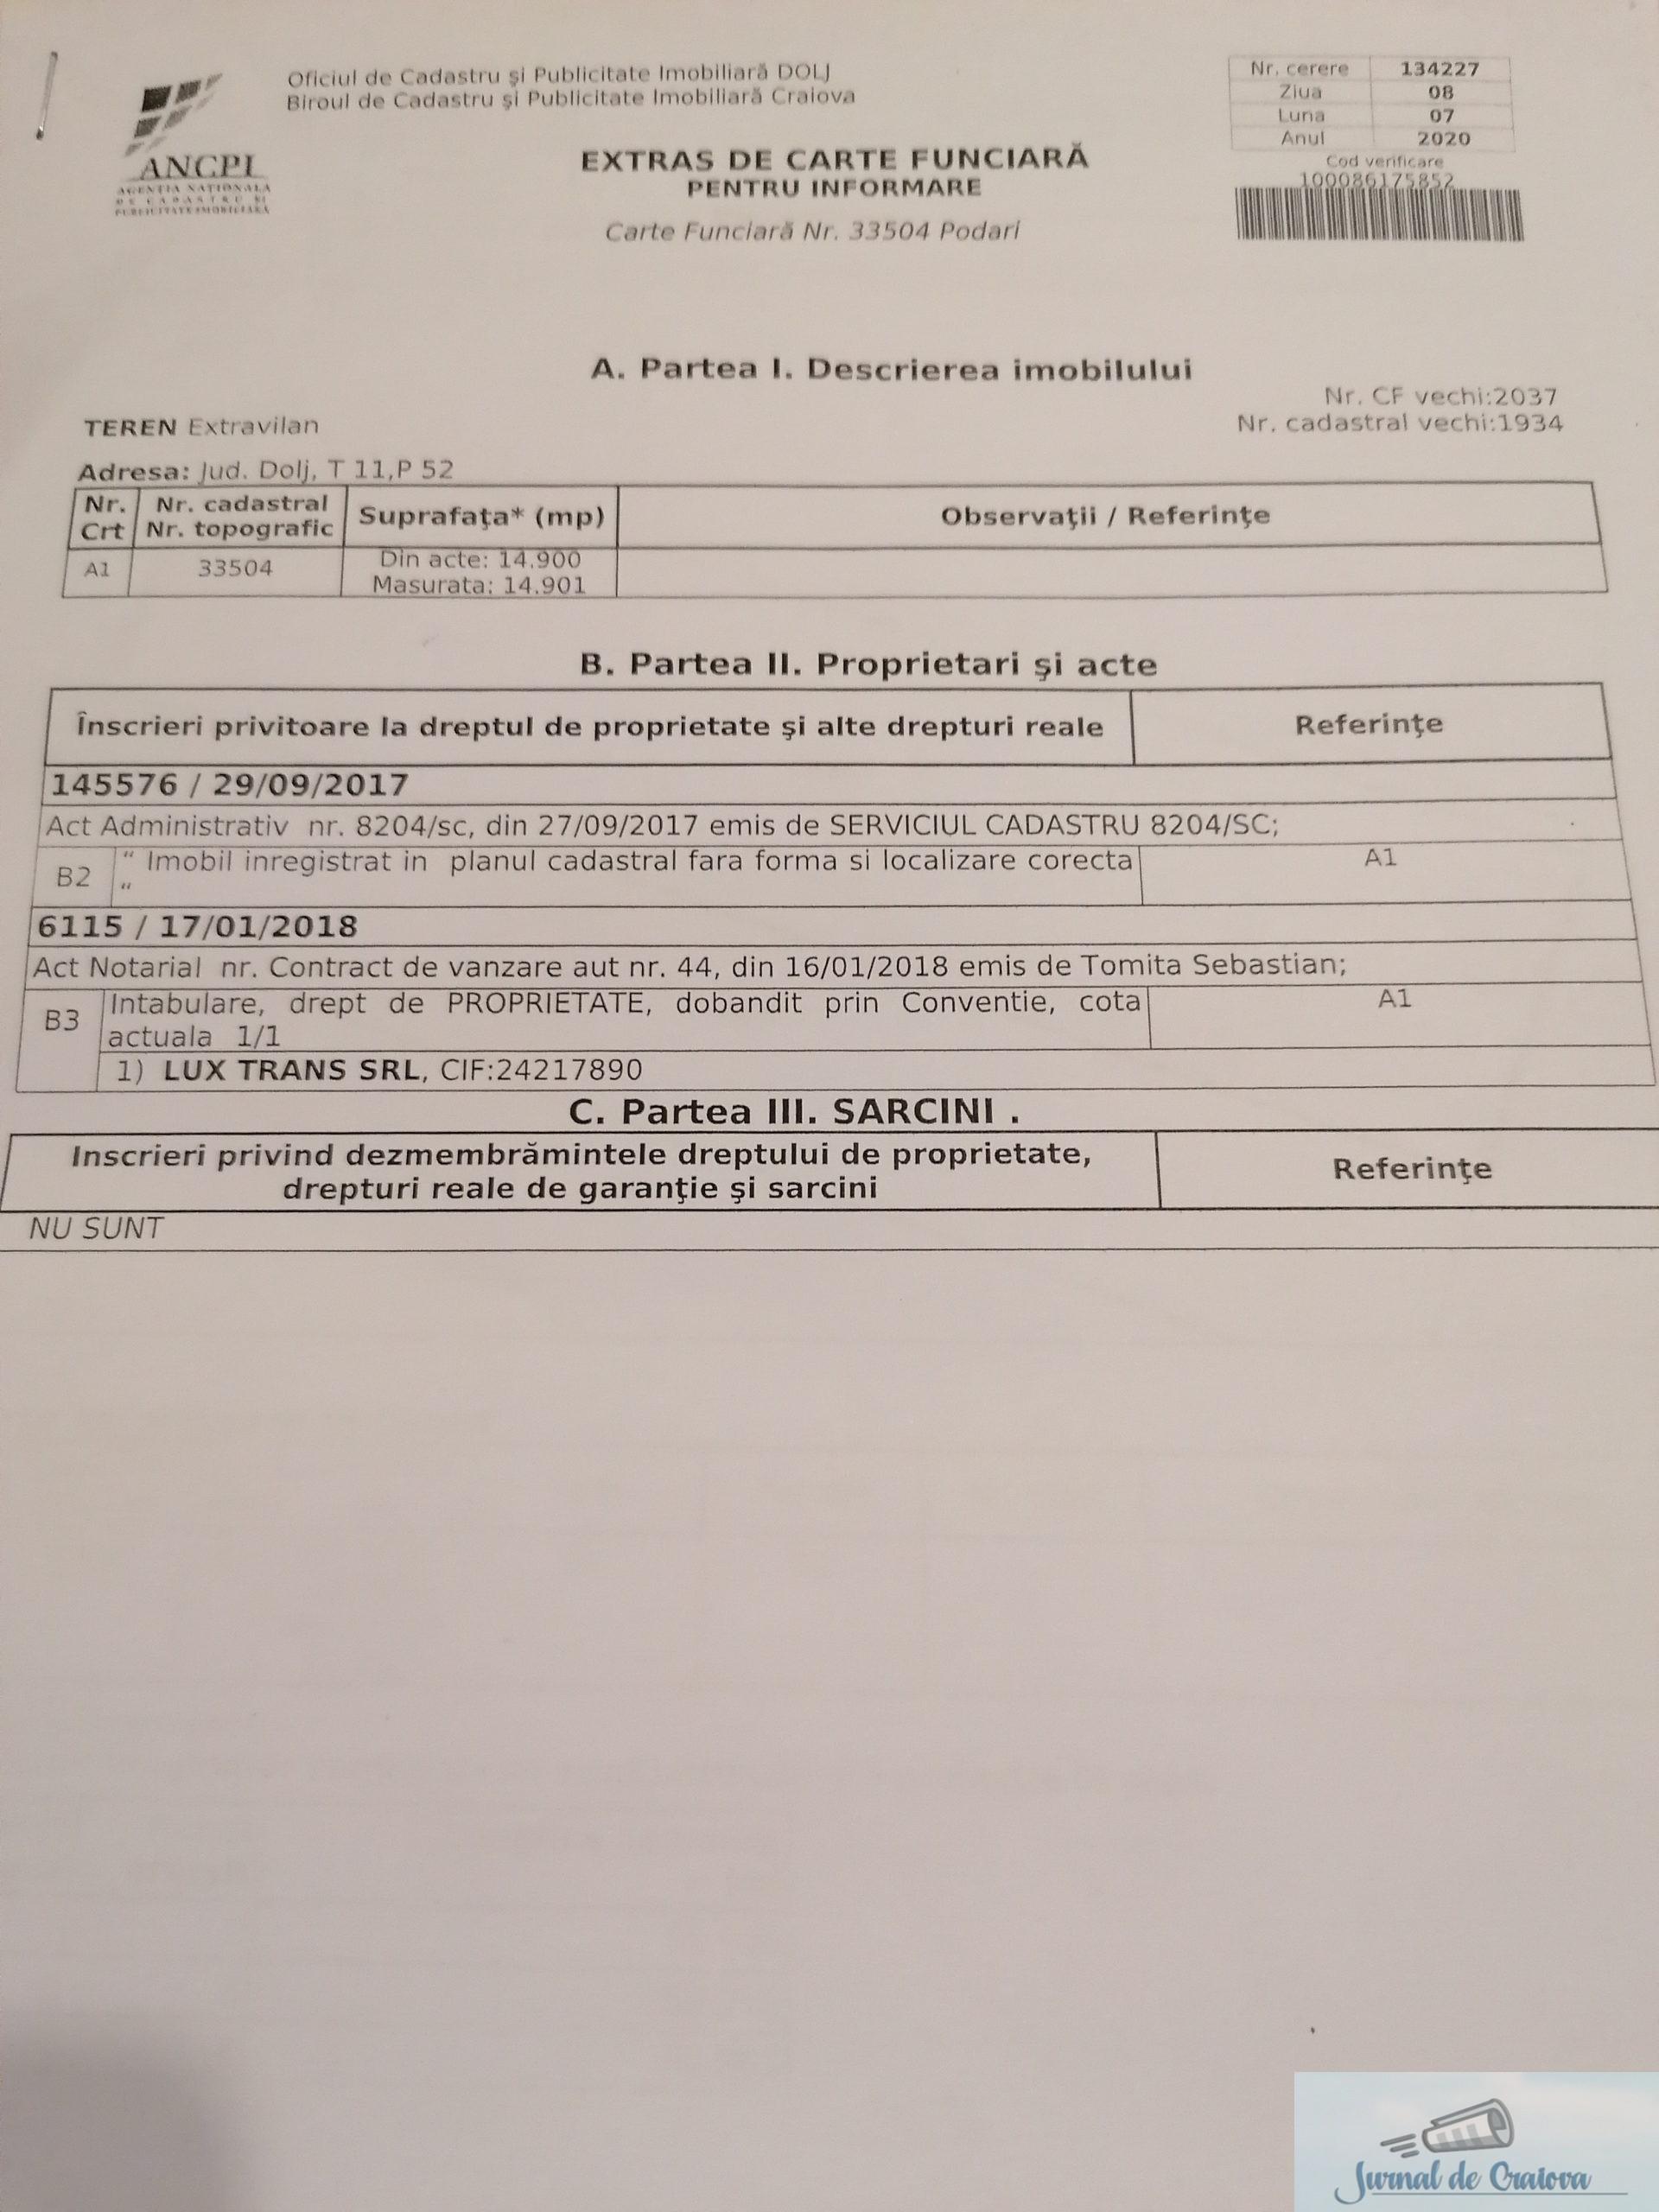 #BarondeDolj : Cum a reusit familia Gheorghita sa puna mana pe cele 24 de hectare cedate de MAPN in Podari .. 10